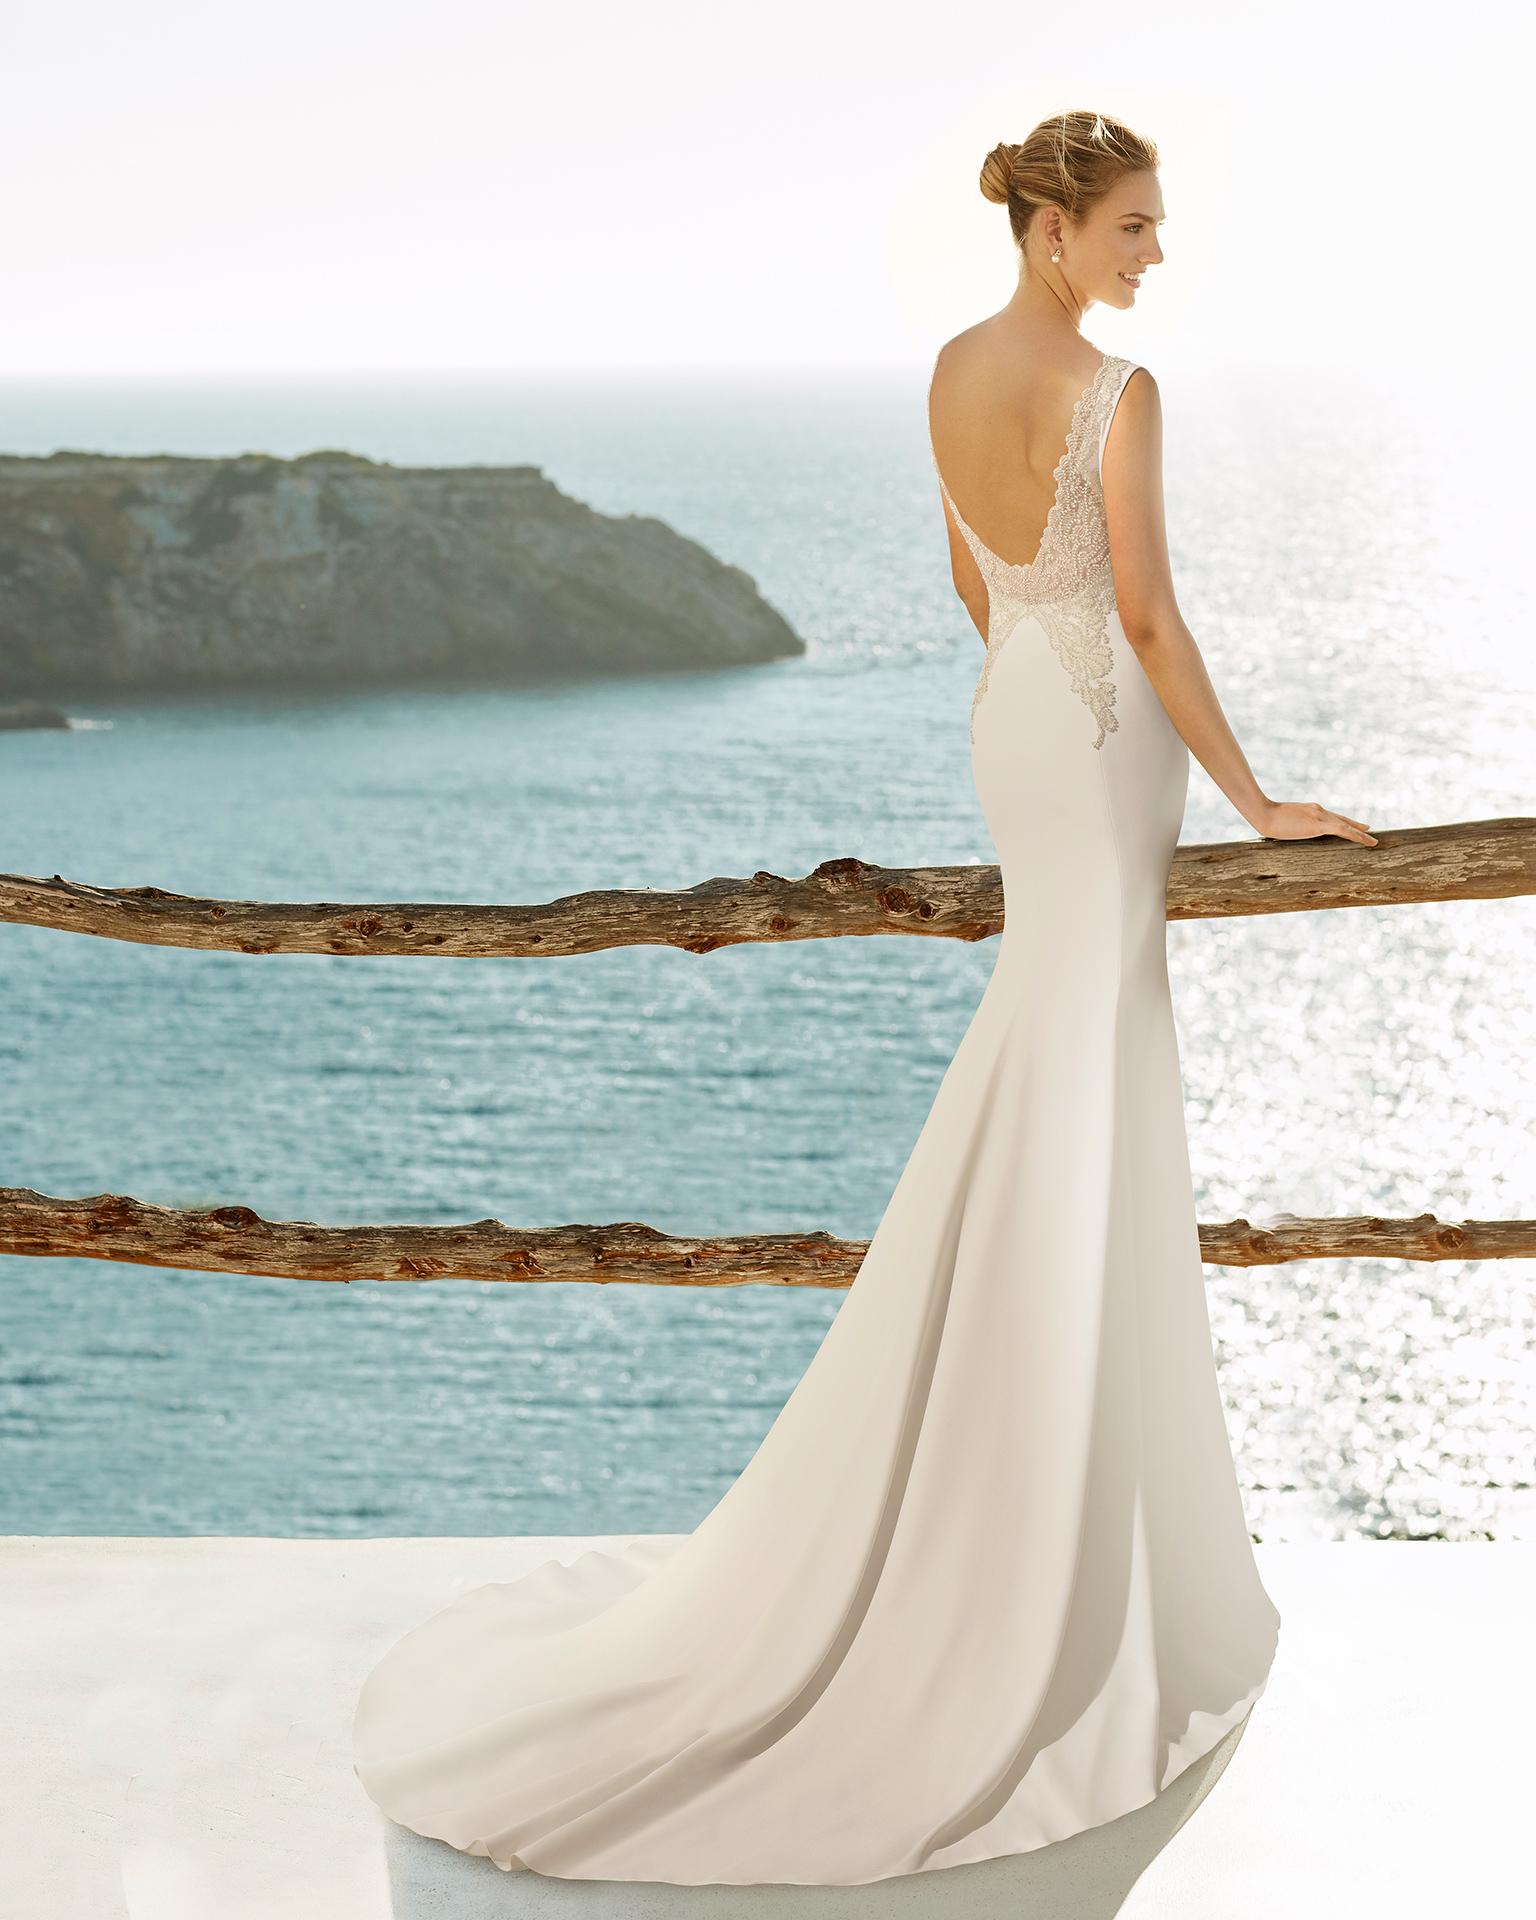 Vestido de noiva estilo sereia de crepe e costas decotadas, com adorno de brilhantes.